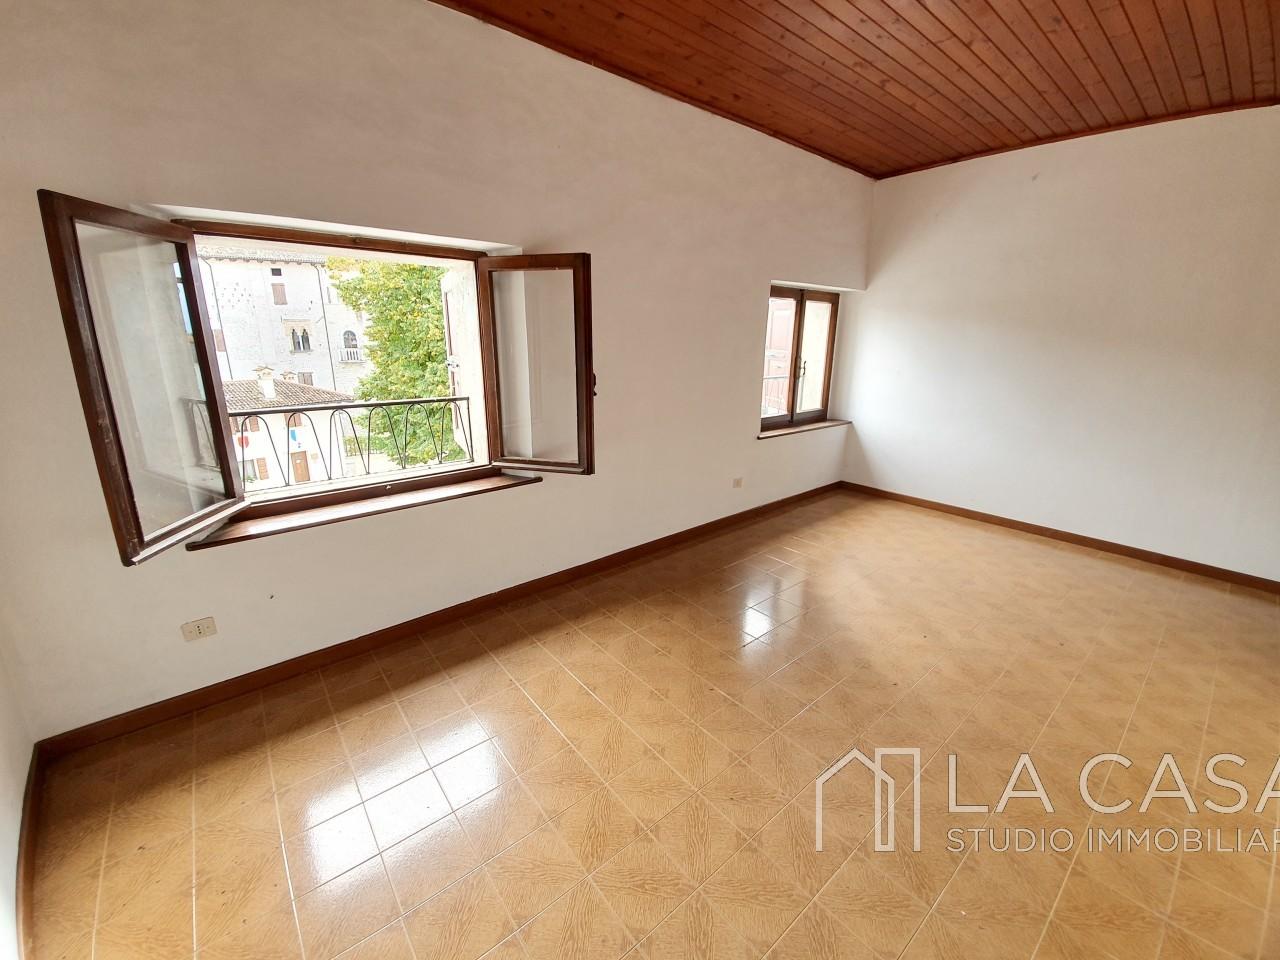 Appartamento bicamere in vendita nel centro storico di Valvasone - Rif.A20 https://media.gestionaleimmobiliare.it/foto/annunci/191008/2079368/1280x1280/008__20191003_103152.jpg